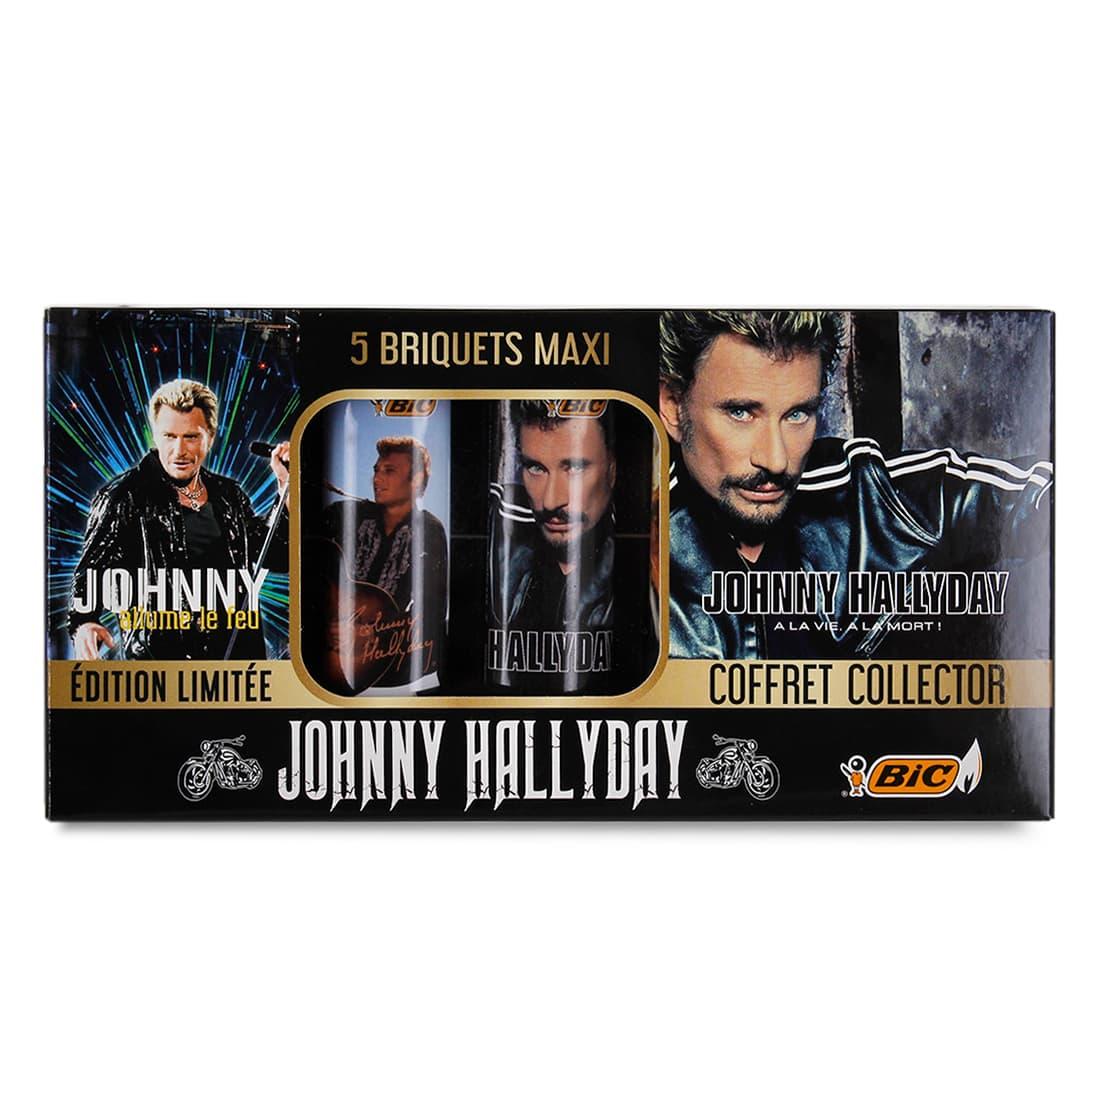 Photo de Coffret Collector 5 Briquets Bic Maxi Johnny Hallyday